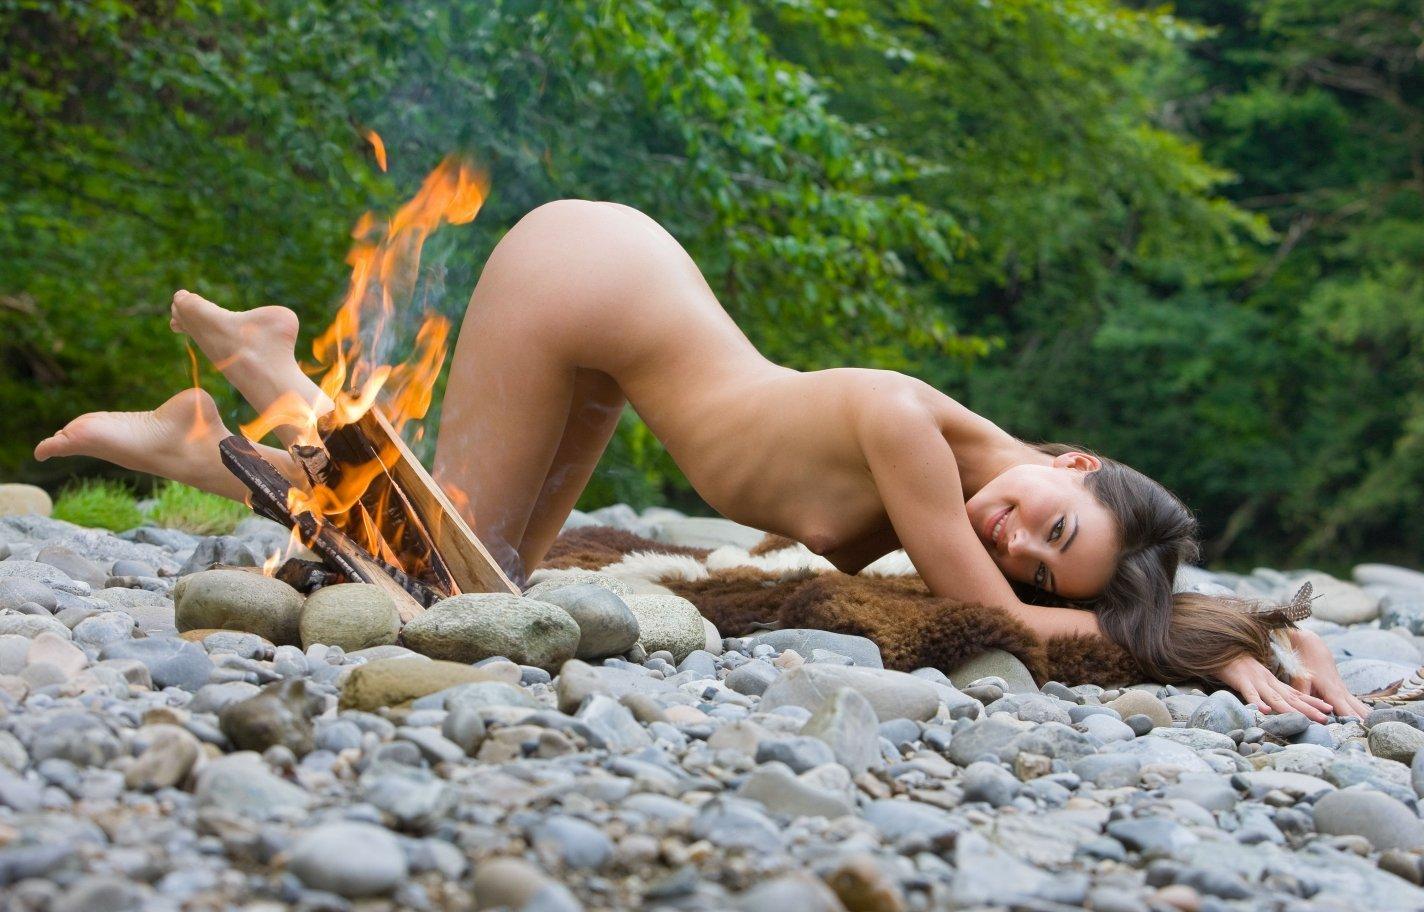 1424x912, 222 Kb / женщина, костер, огонь, камни, шкура, раком